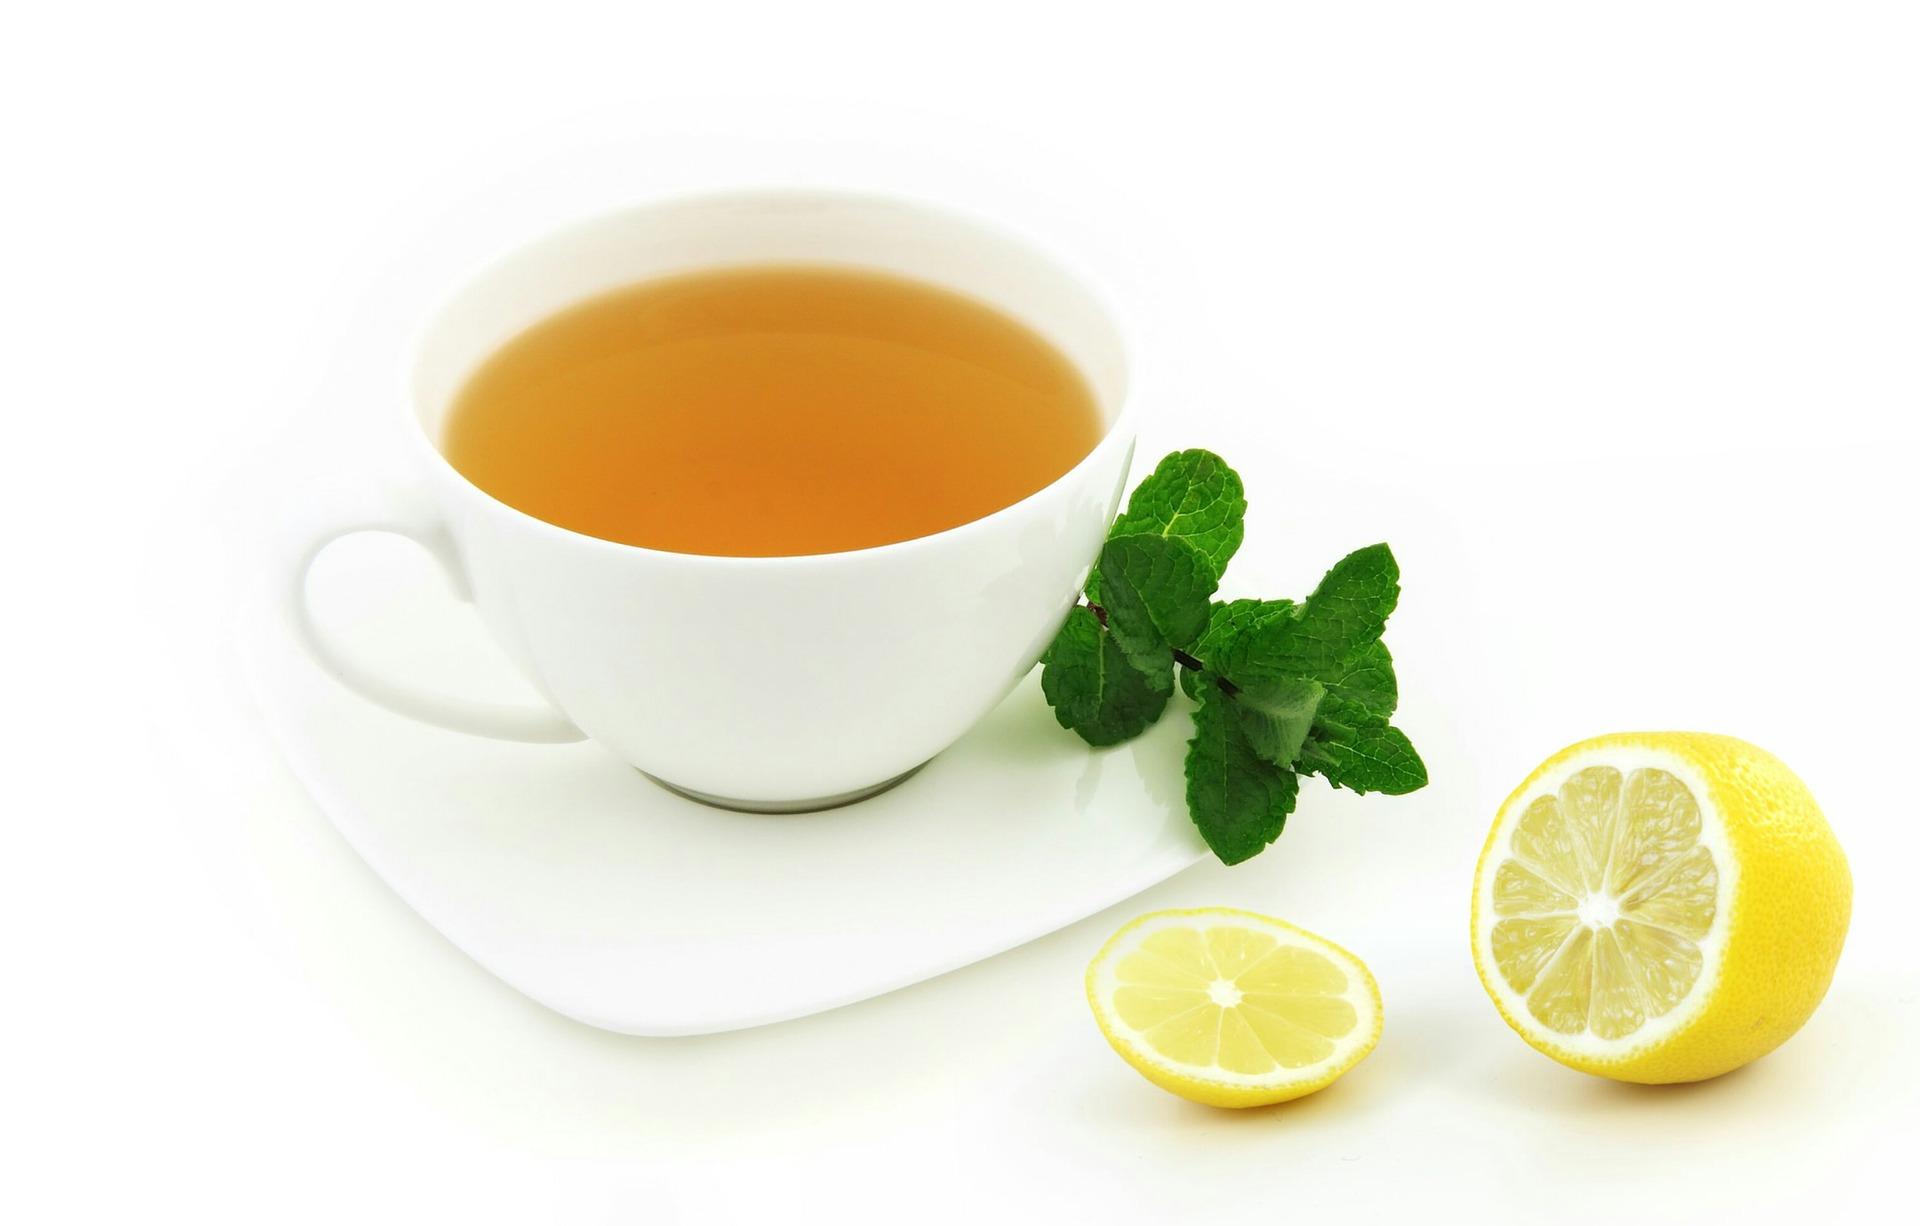 Chá para emagrecer: Veja 4 chás poderosos para emagrecimento